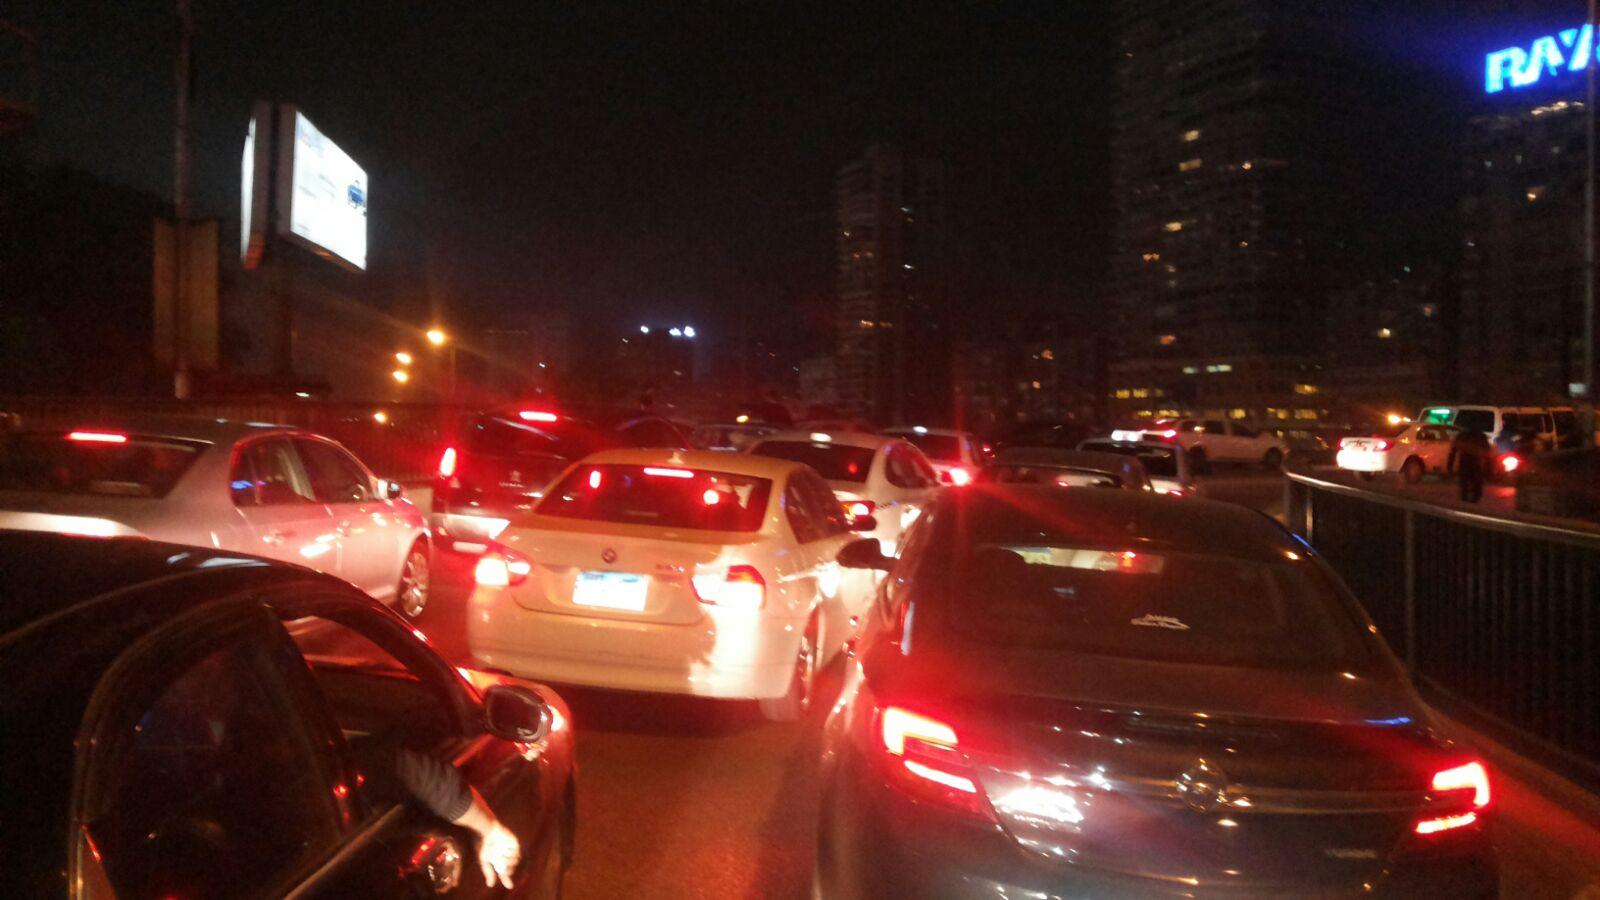 بالصور.. مرور موكب يشُل حركة المرور على كوبري أكتوبر بالزمالك